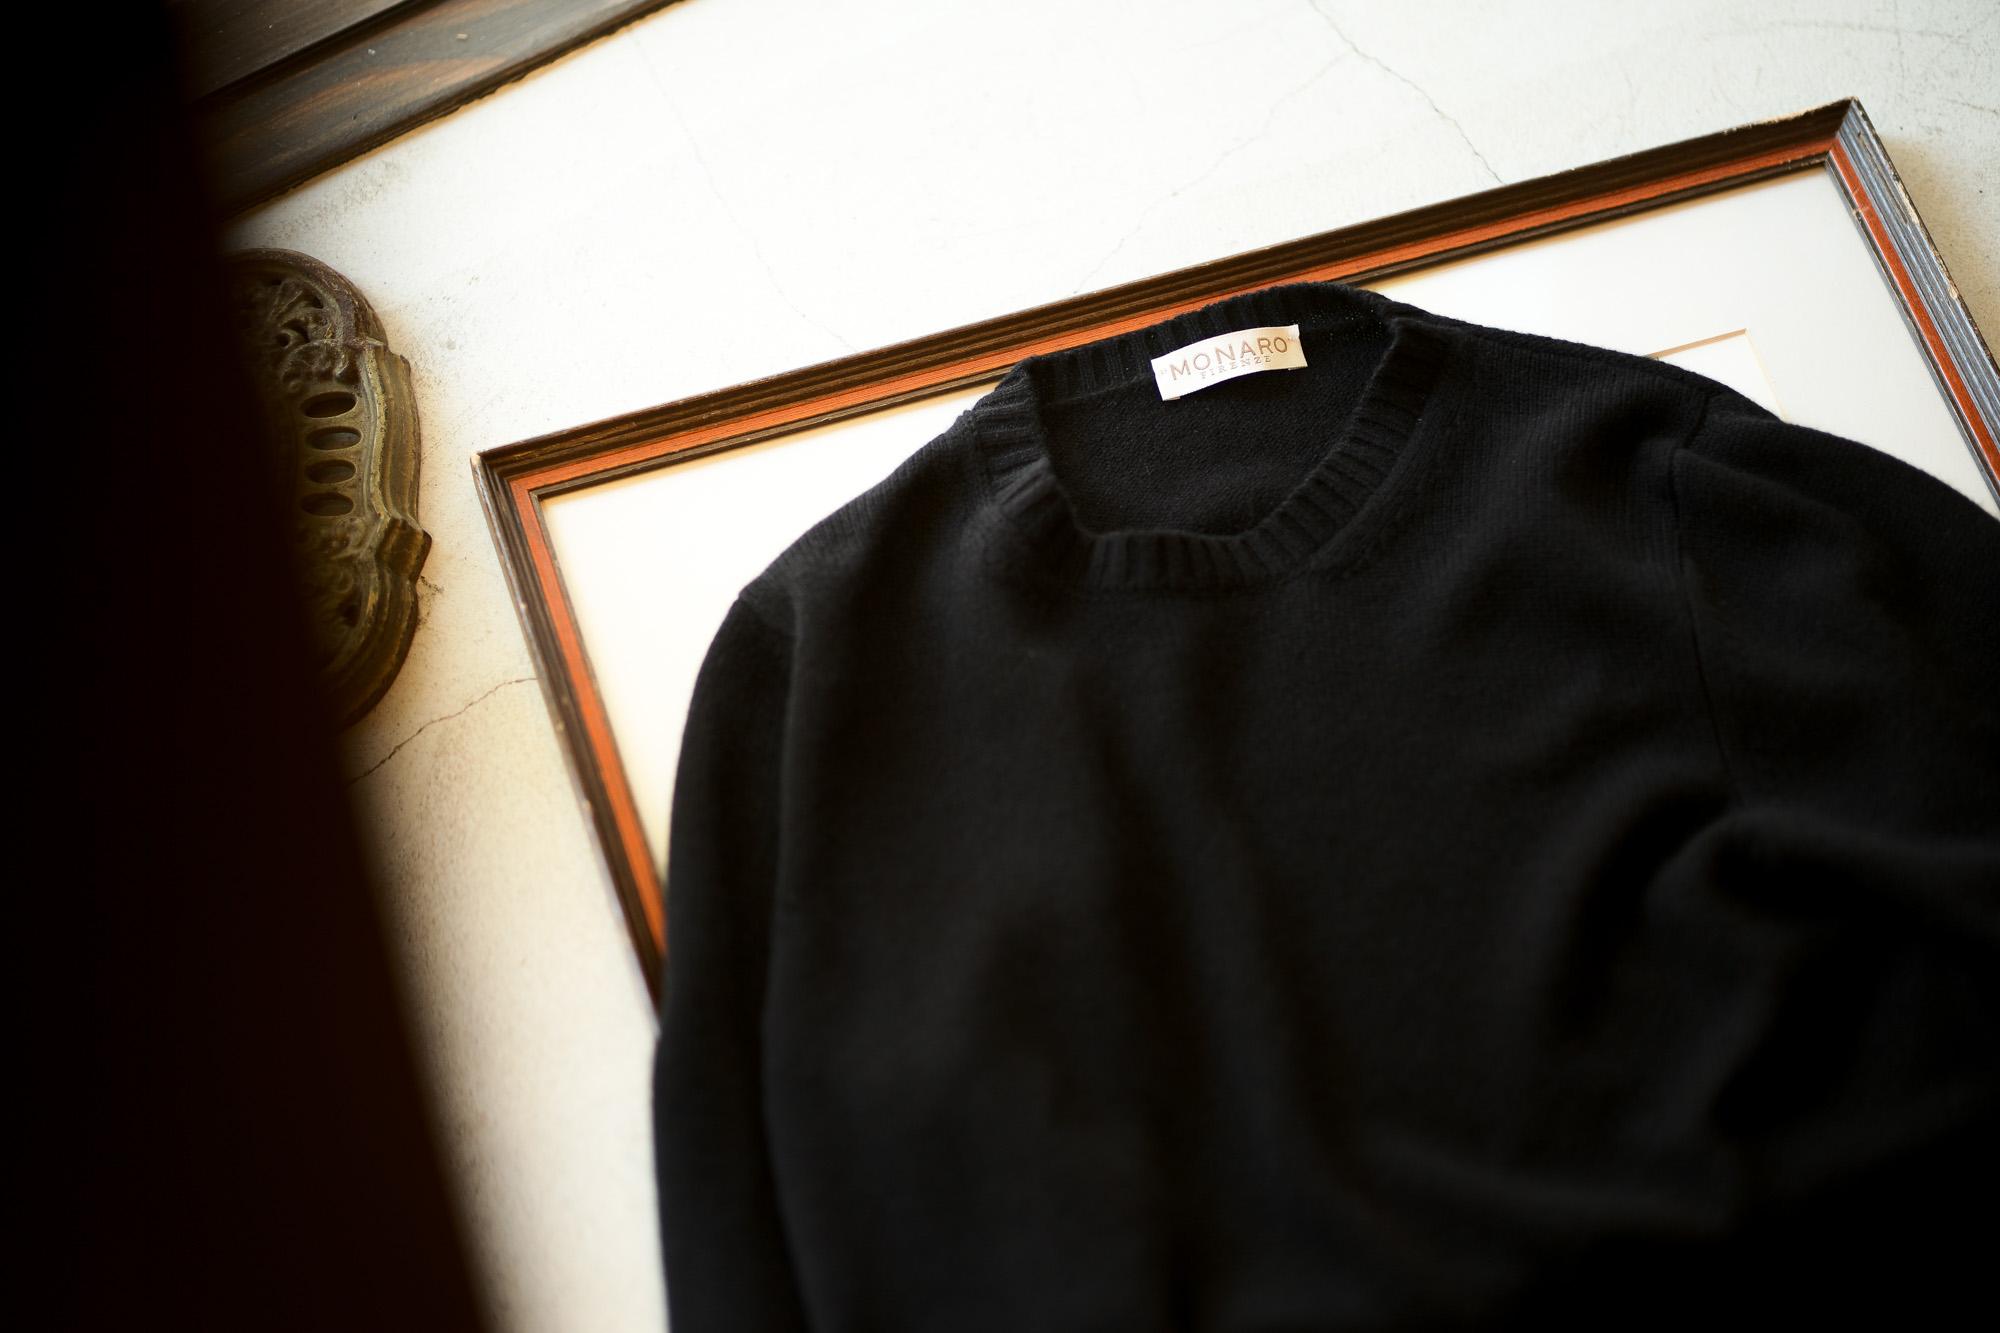 """MONARO """"Loropiana Baby Cashmere 100%"""" Crew Neck Sweater BLACK 2021AW MONARO (モナーロ) Baby Cashmere Crew Neck Sweater (ベビーカシミヤ クルーネック セーター) Loropiana (ロロピアーナ) Baby Cashmere 100% 7ゲージ ベビーカシミヤ ニット セーター BLACK (ブラック) MADE IN ITALY  愛知 名古屋 Alto e Diritto altoediritto アルトエデリット スペシャルモデル ミドルゲージ"""